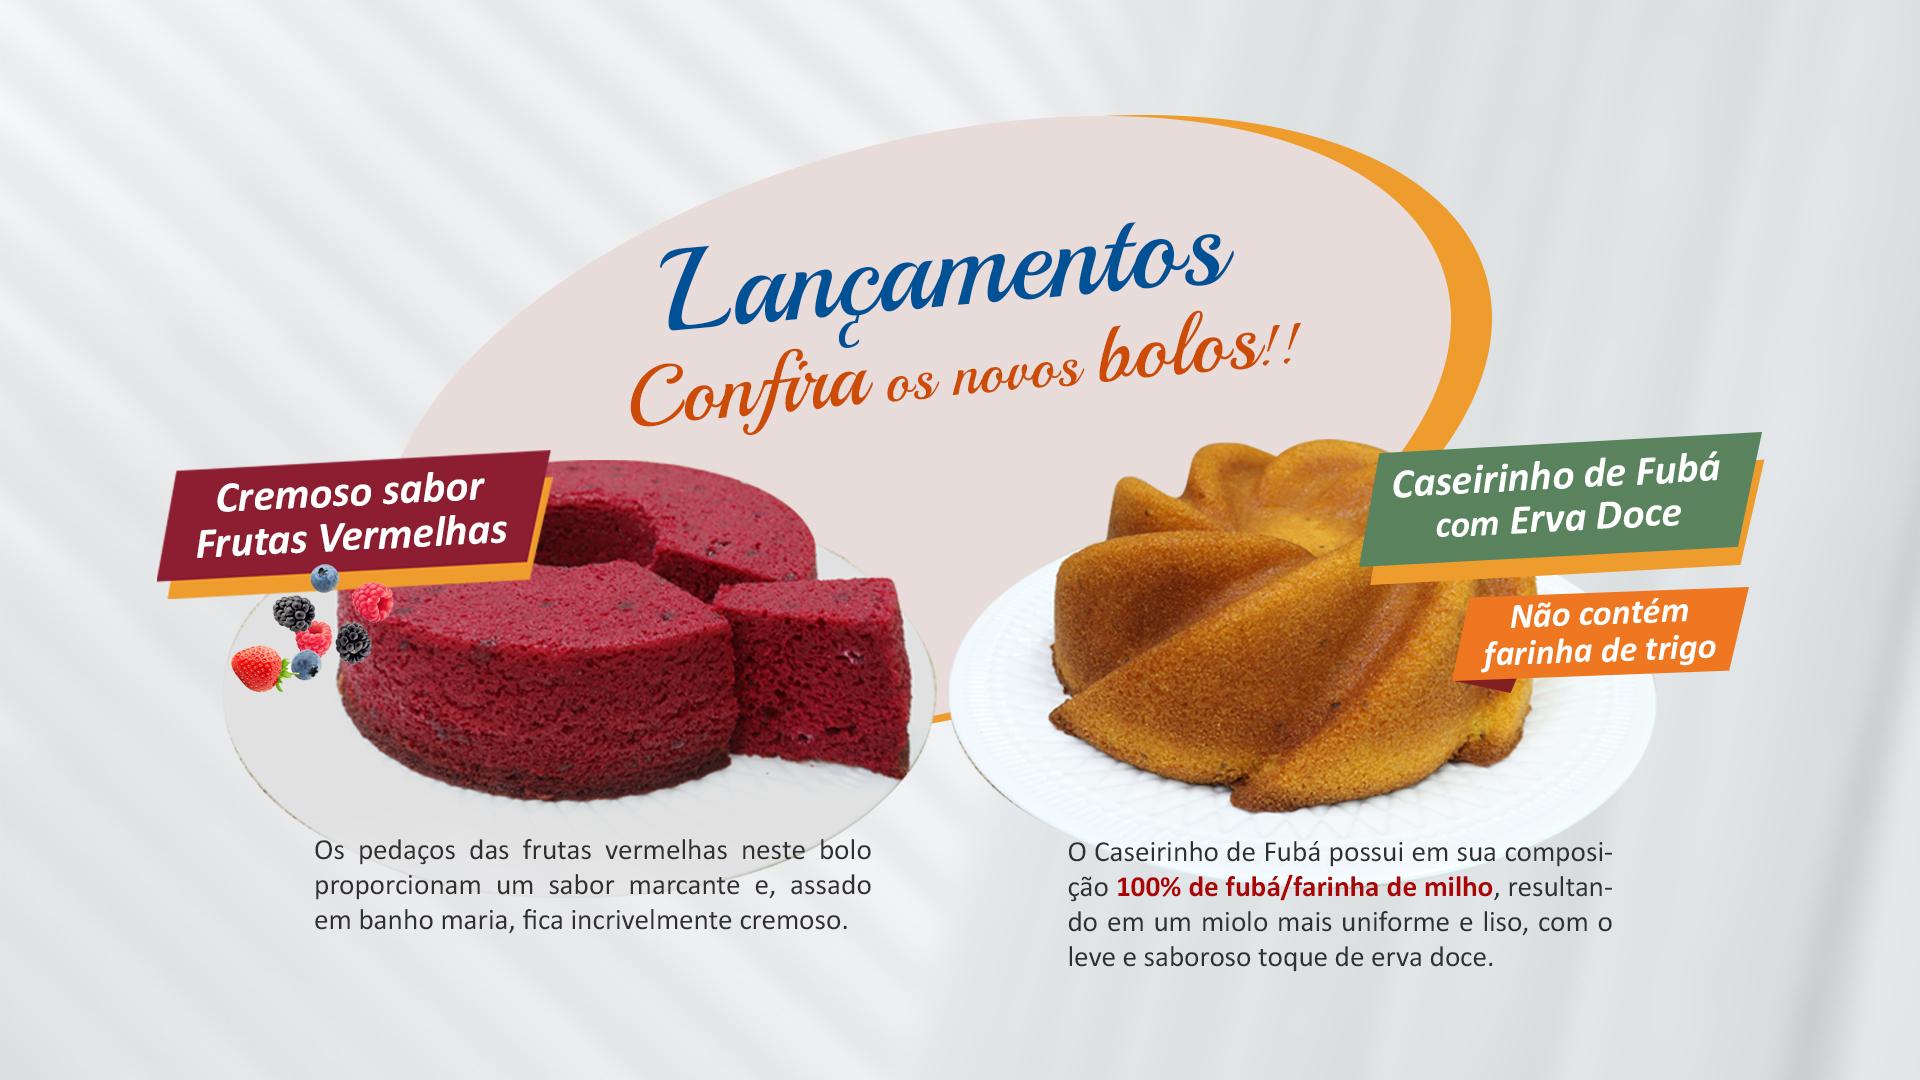 Lançamentos Bolos Cremoso Frutas Vermelhas e Caseirinho de Fubá com Erva Doce